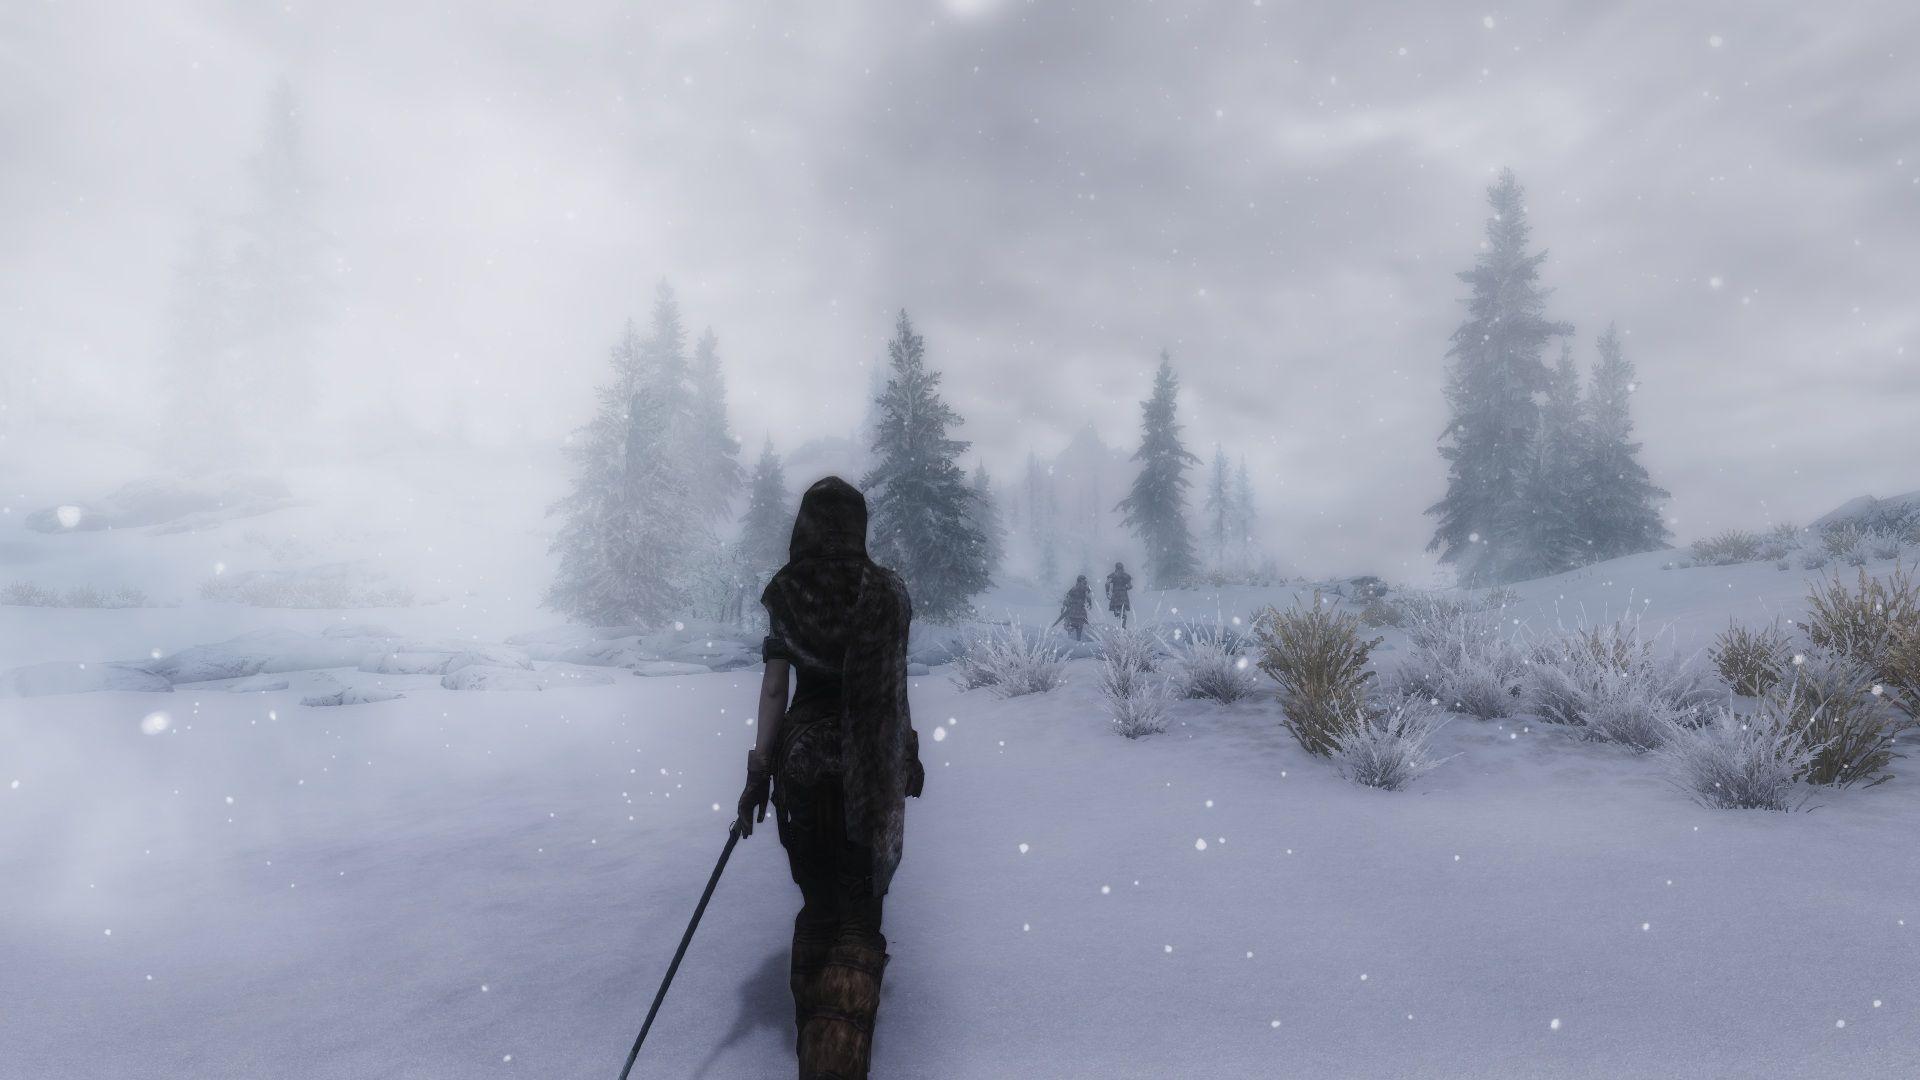 ENB МОДЫ: The Elder Scrolls V Skyrim. (Часть Вторая - Эпилог) - Блоги - блоги геймеров, игровые блоги, создать блог, вести блог